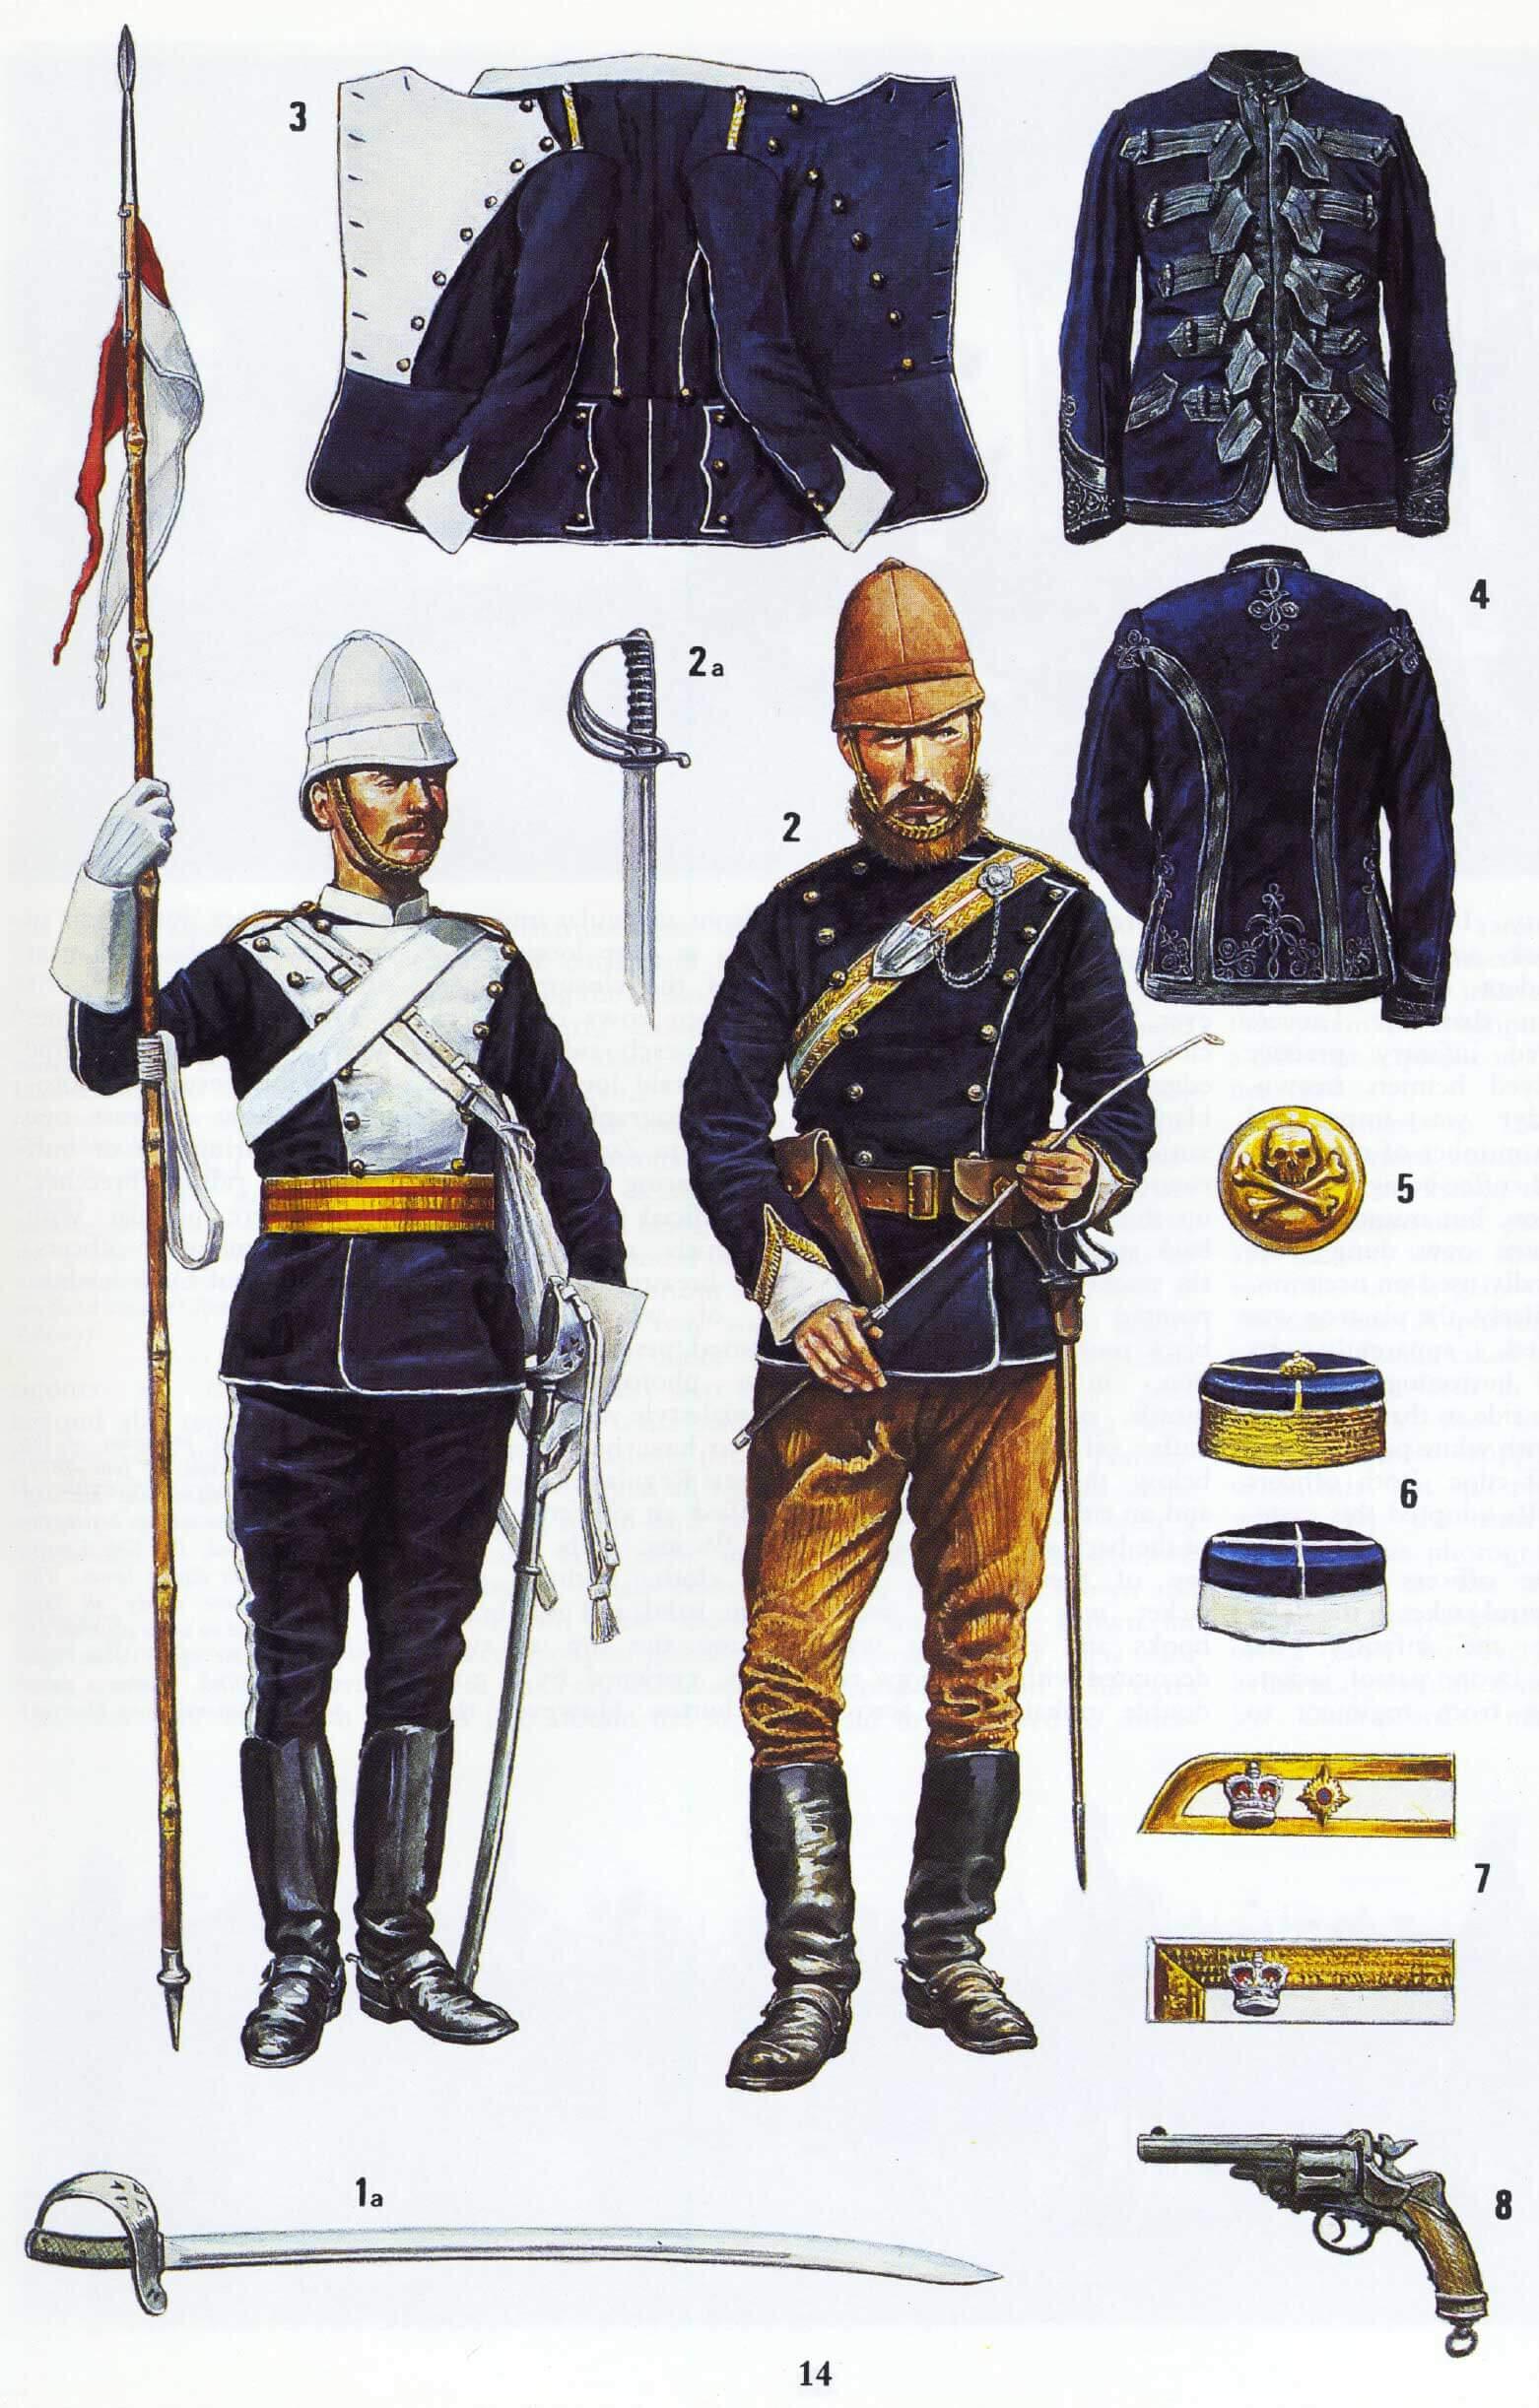 17 уланский полк в стране зулу, 1879 год.